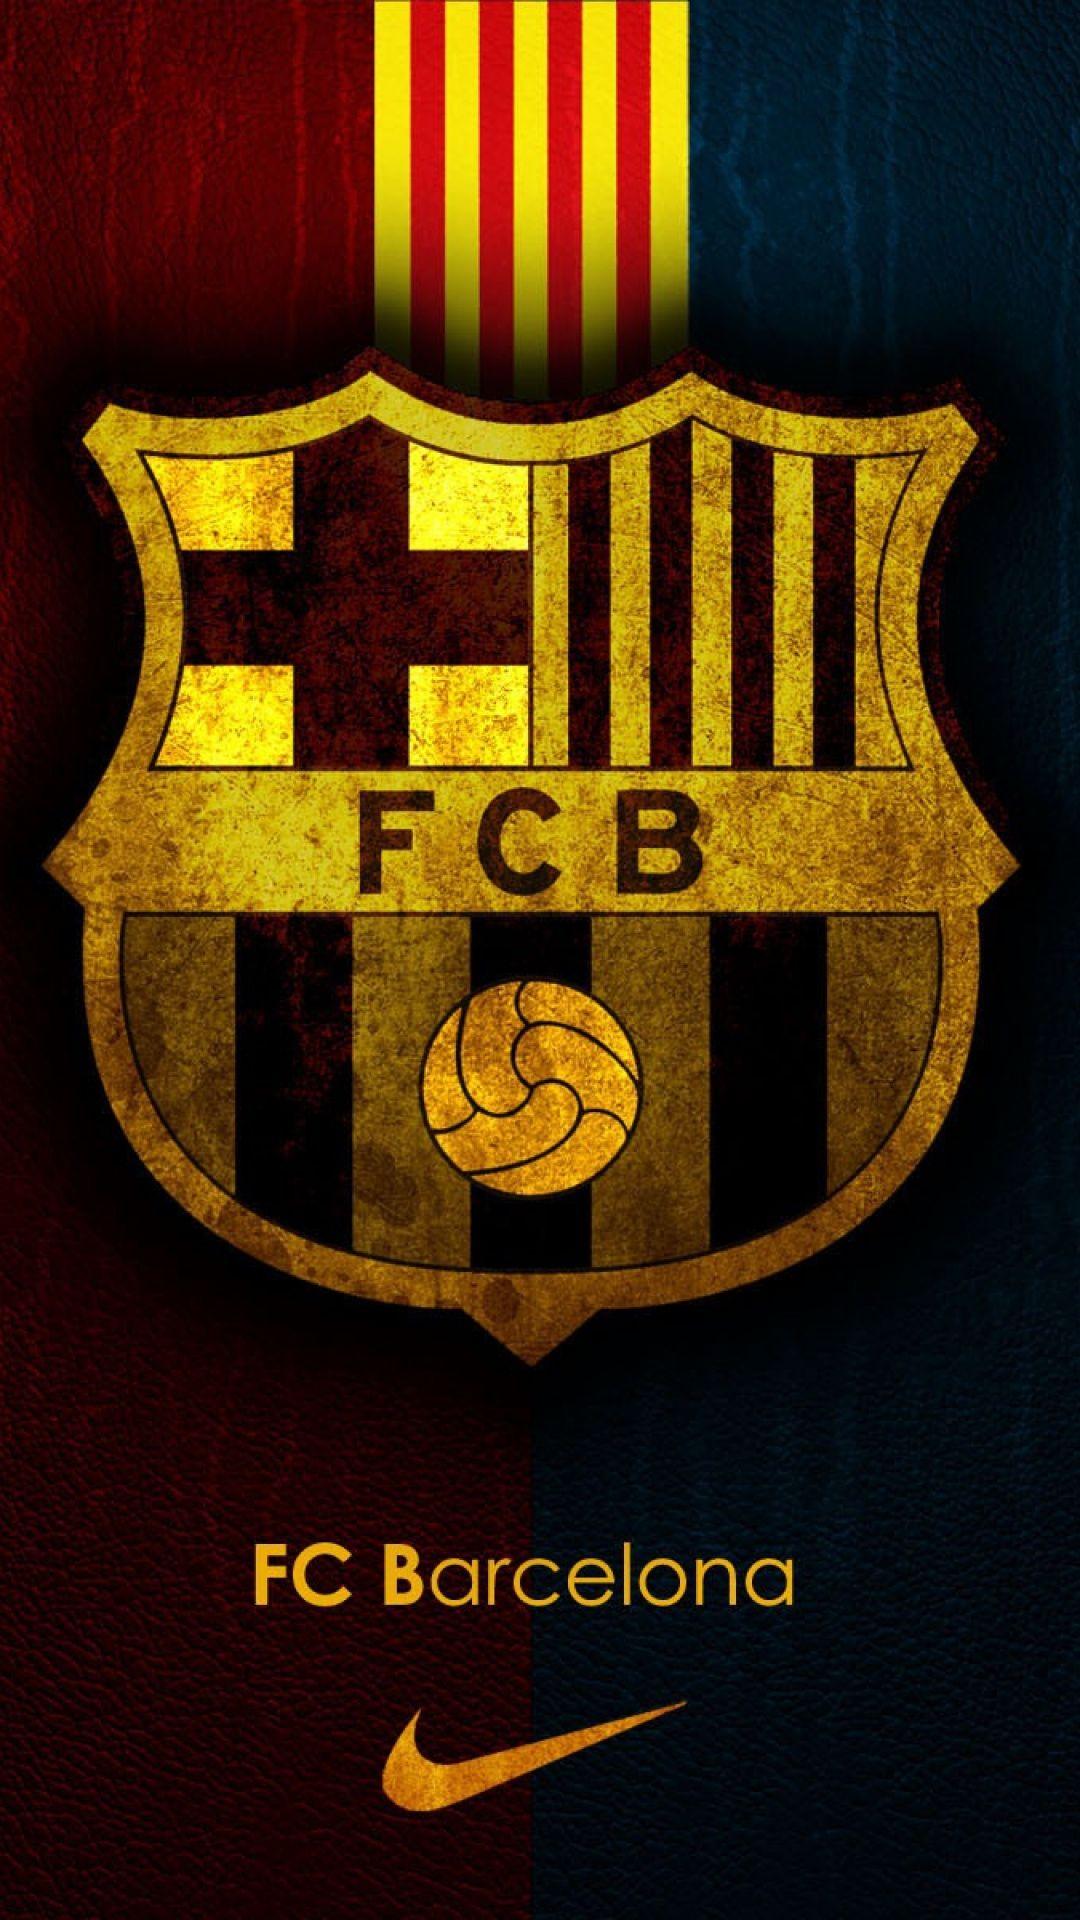 Espanha futebol